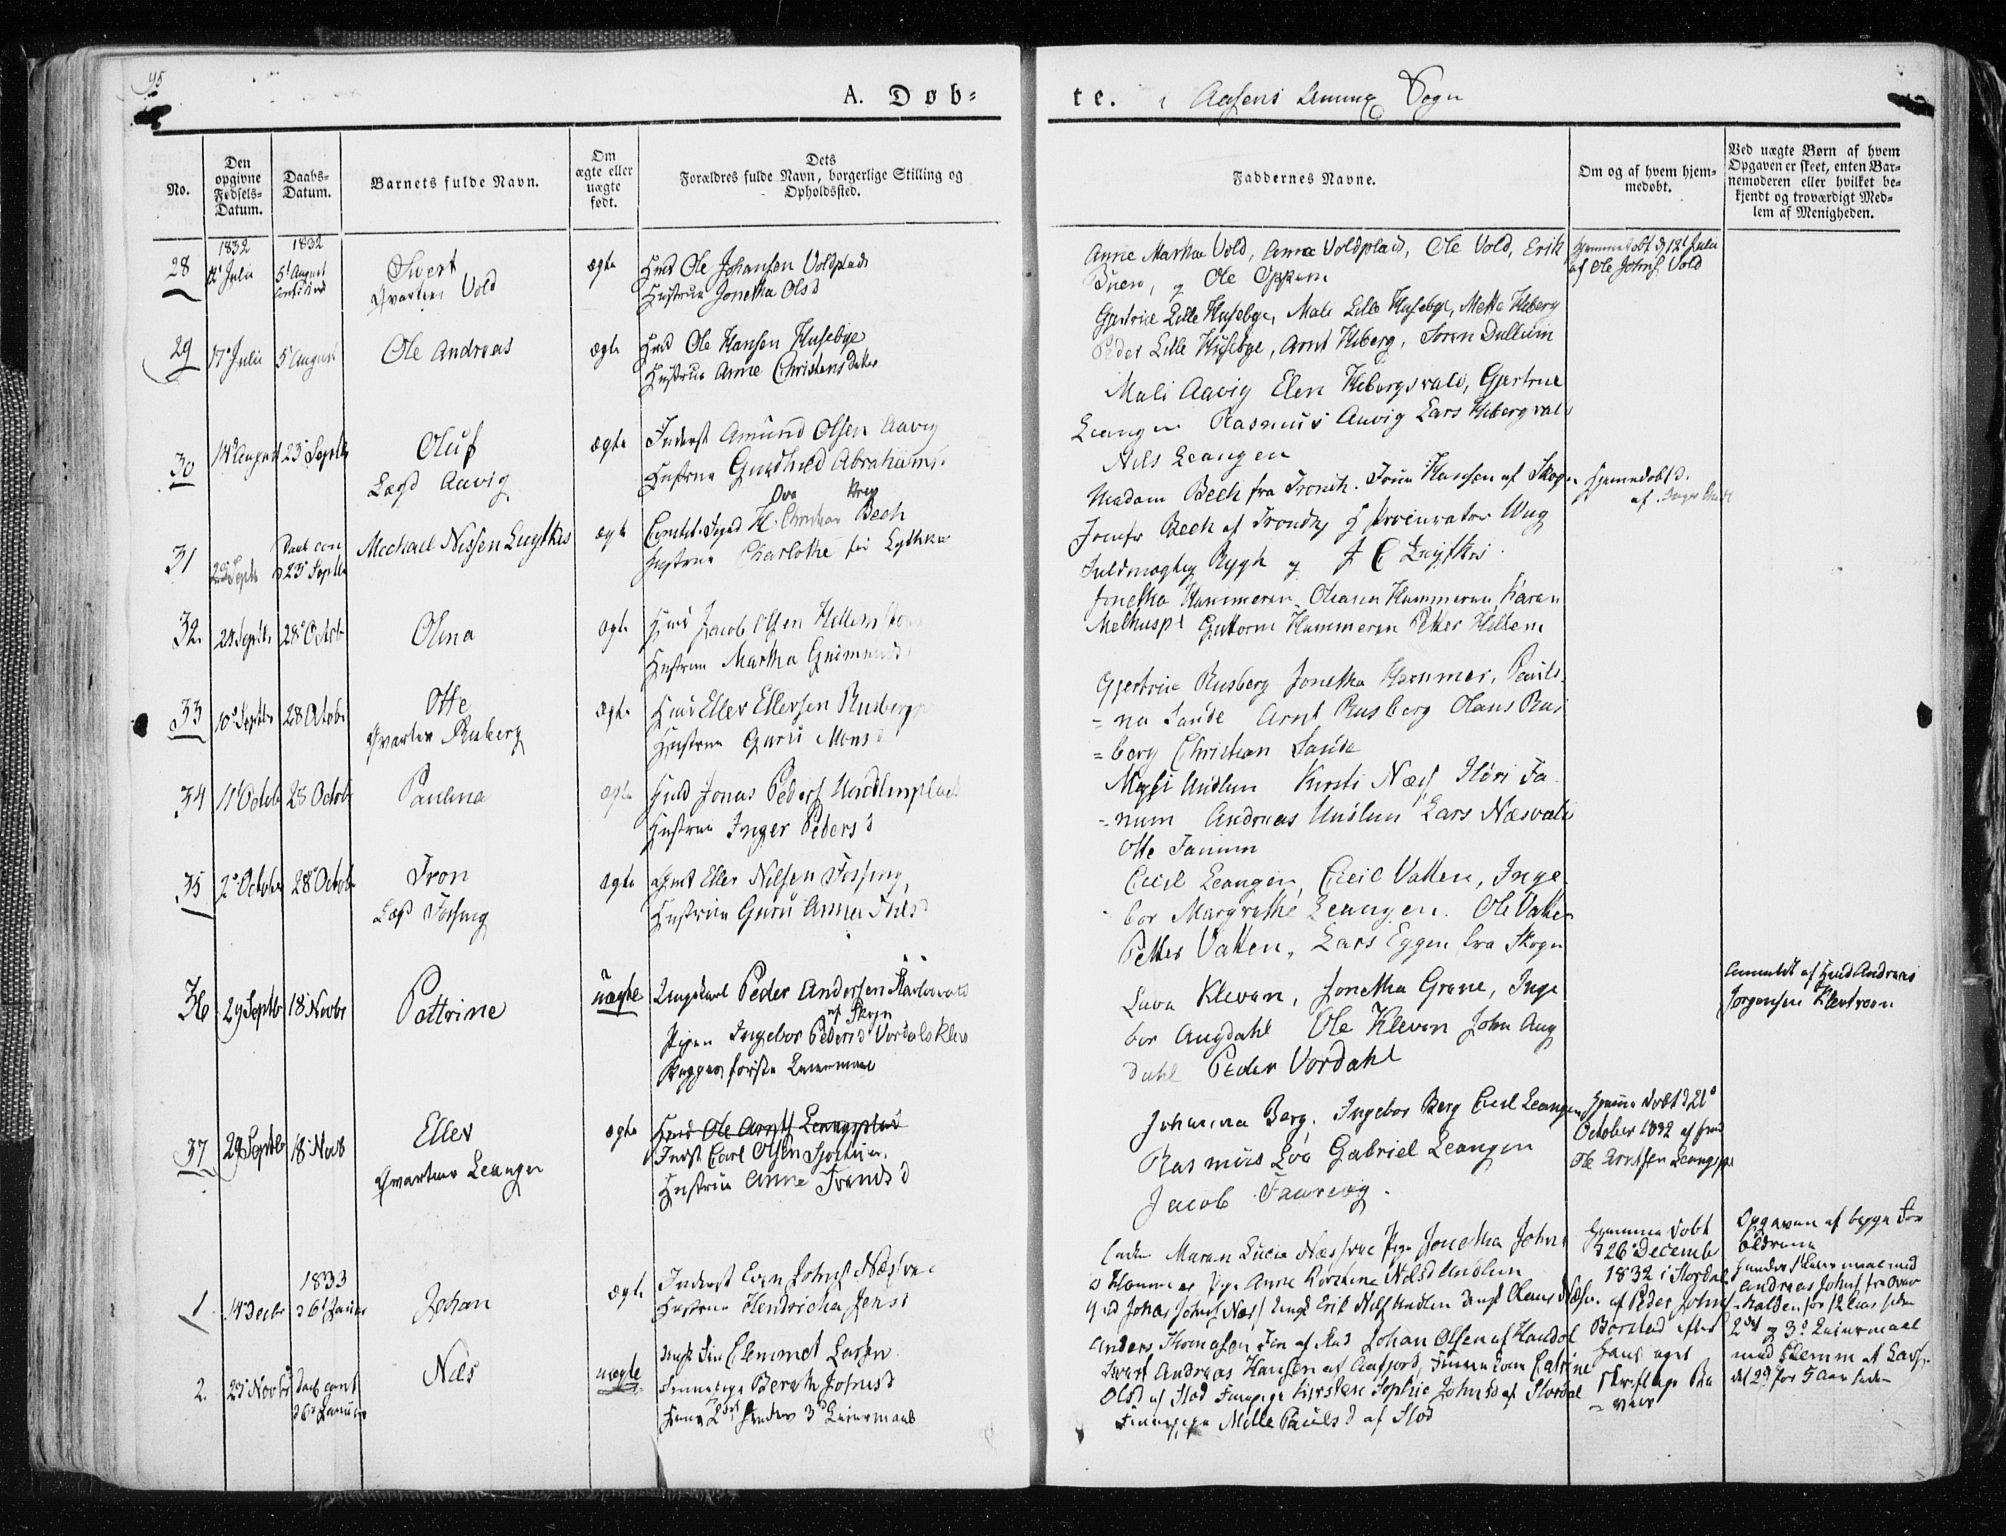 SAT, Ministerialprotokoller, klokkerbøker og fødselsregistre - Nord-Trøndelag, 713/L0114: Ministerialbok nr. 713A05, 1827-1839, s. 95